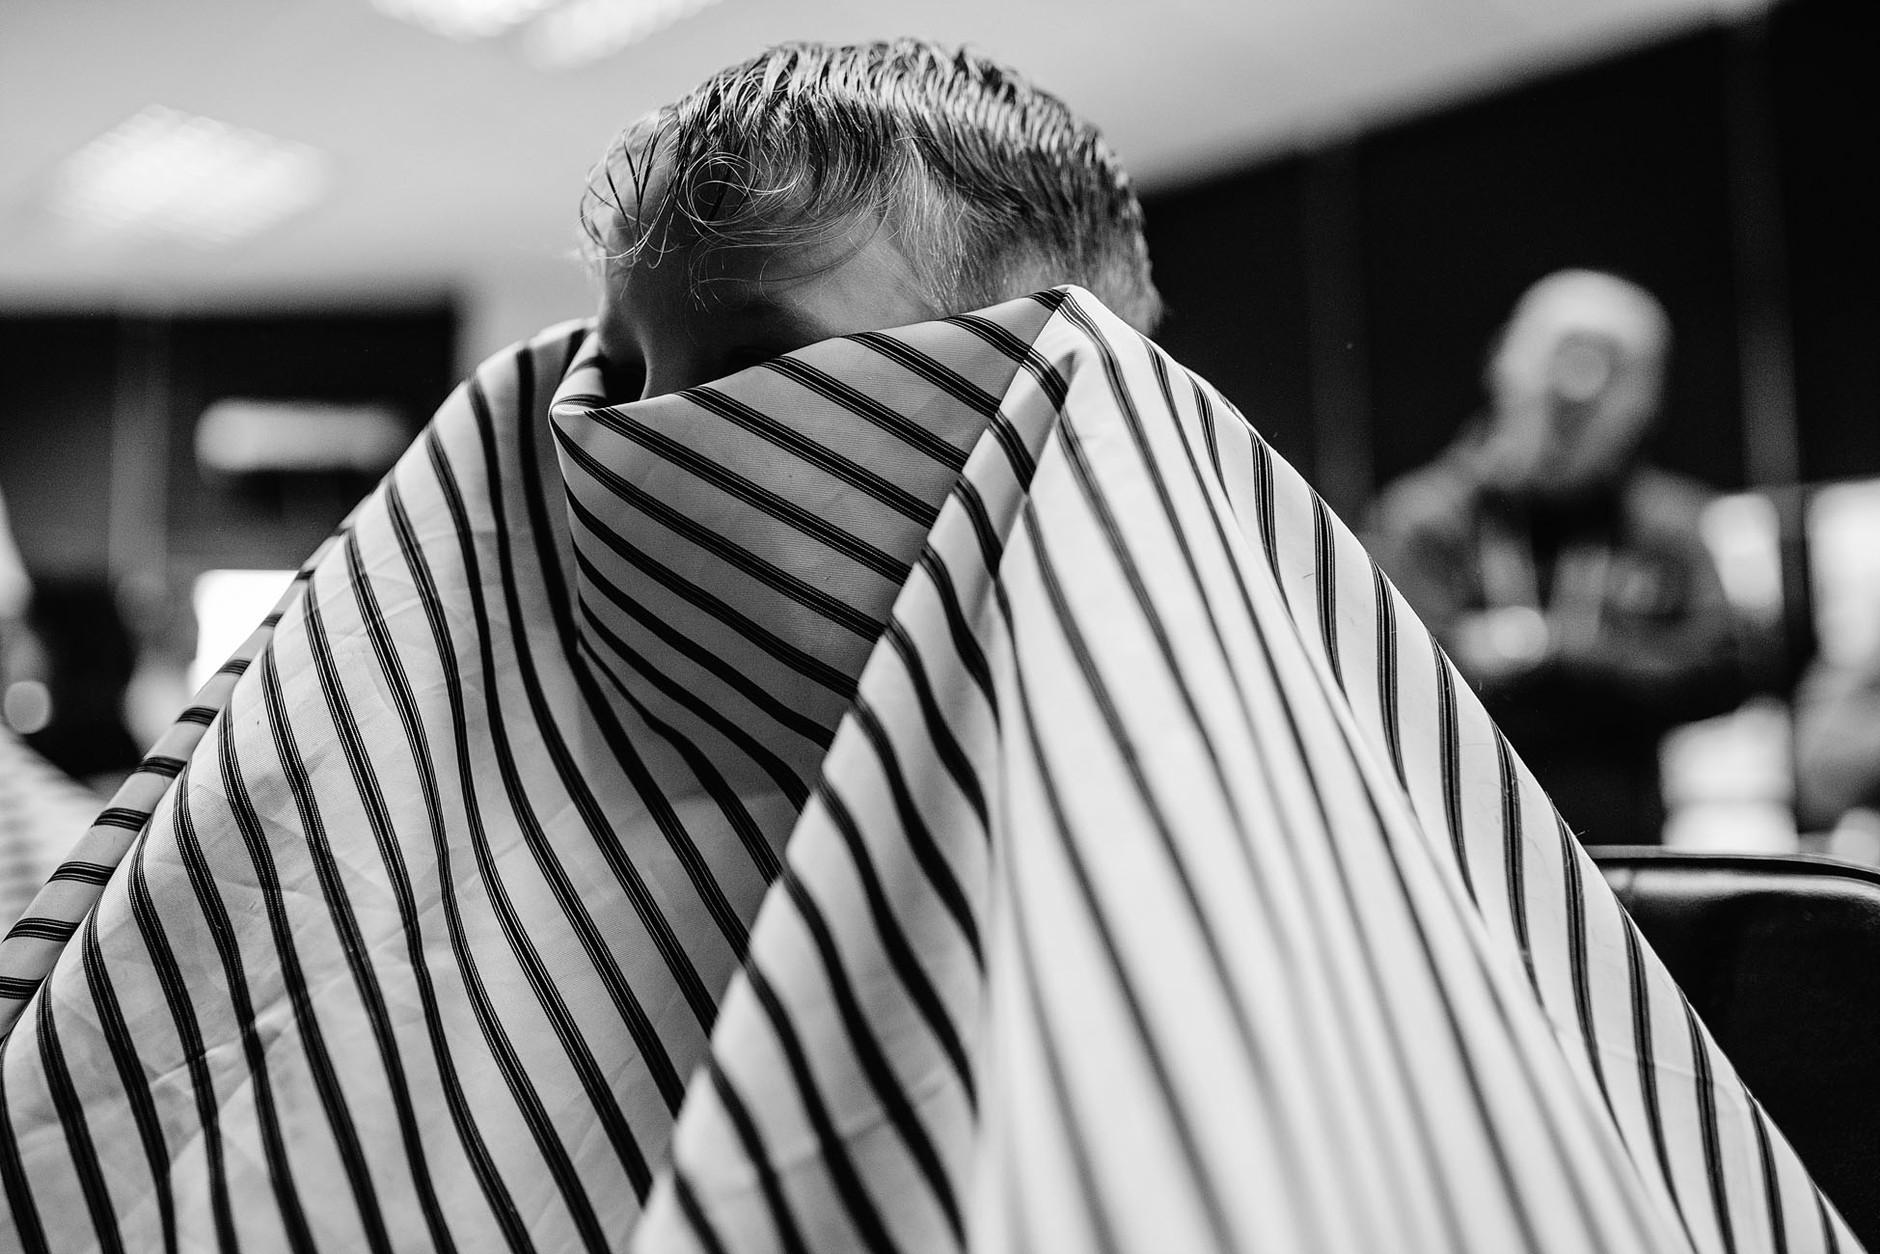 dublin-documentary-family-photography-finn-haircut-0029.jpg